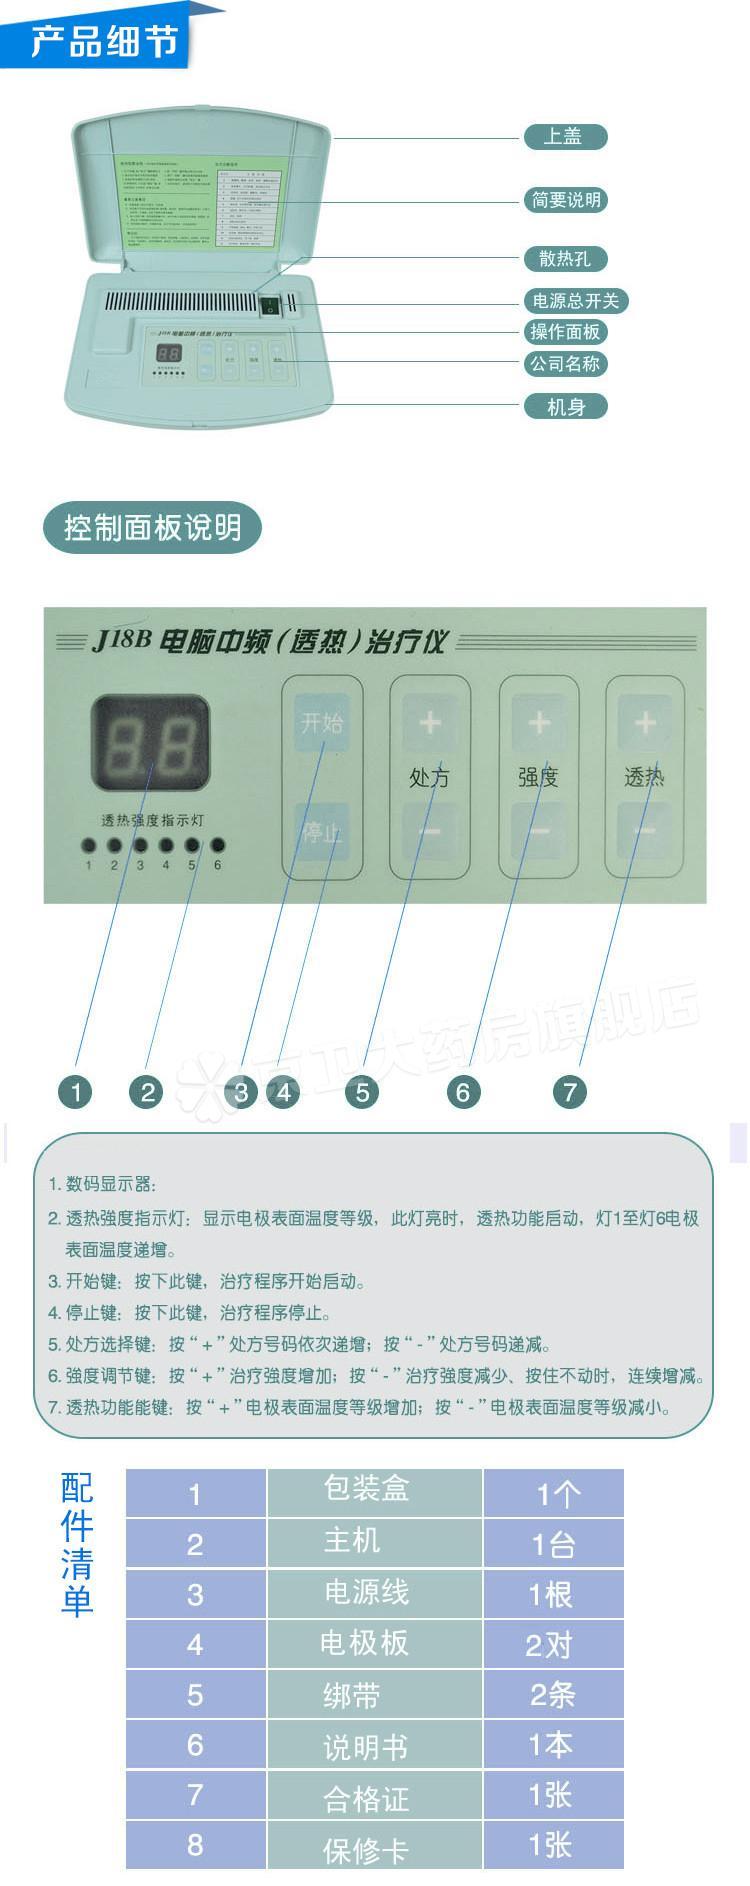 全日康 电脑中频治疗仪 J18B